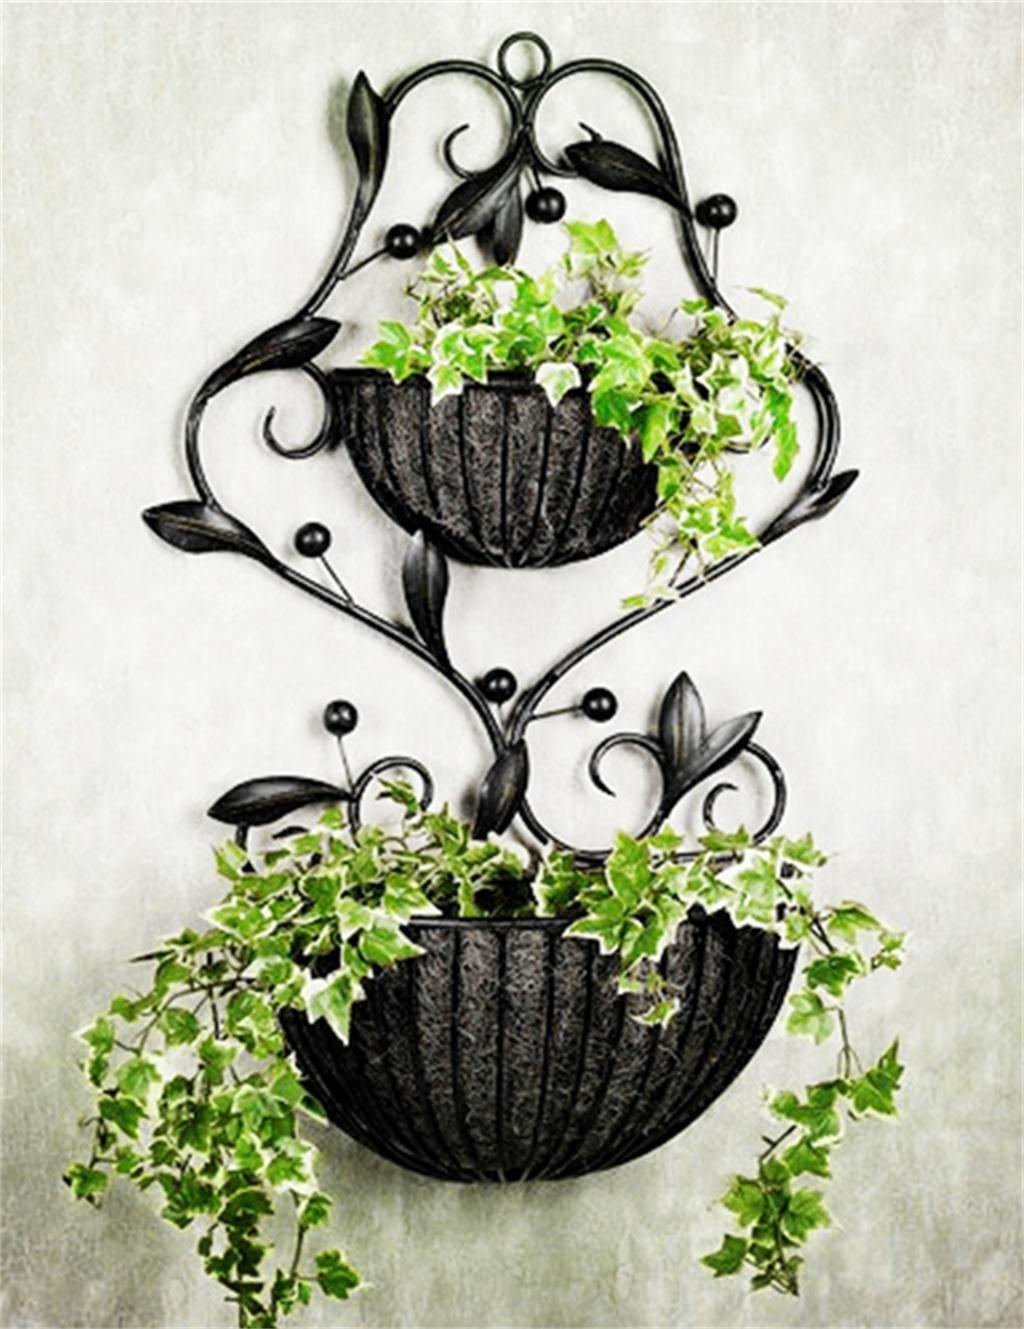 European - Style Garten Eisen Blumentopf Regal, Wandhänge Töpfe Regal, Indoor Wohnzimmer Blumenregal, Wände Hängende Orchidee Korb, Ecke Inhaber Shelf ( farbe : Schwarz )